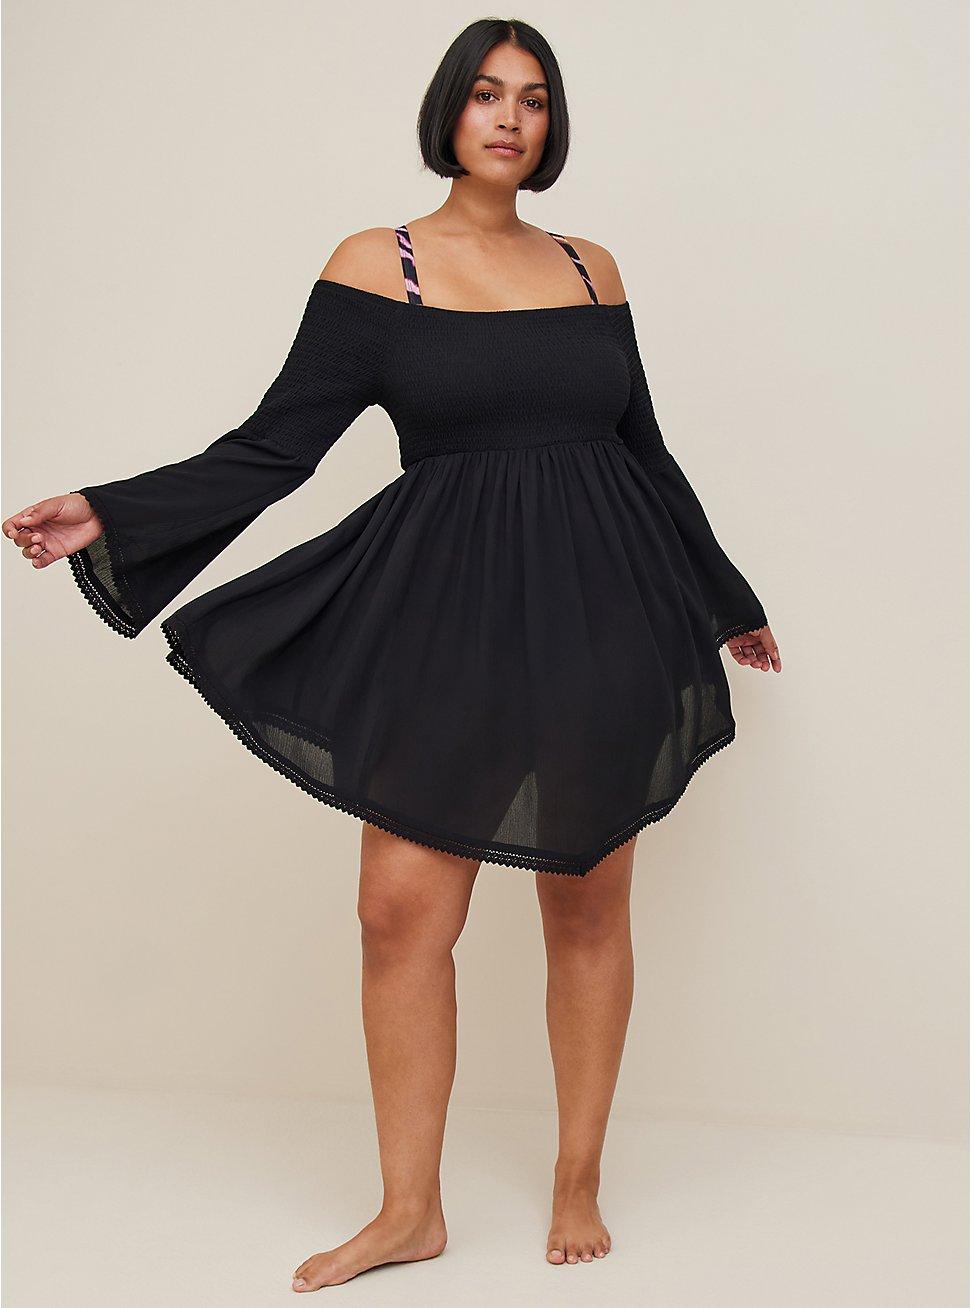 Black Crinkled Gauze Smocked Off Shoulder Dress Swim Cover Up, DEEP BLACK, hi-res